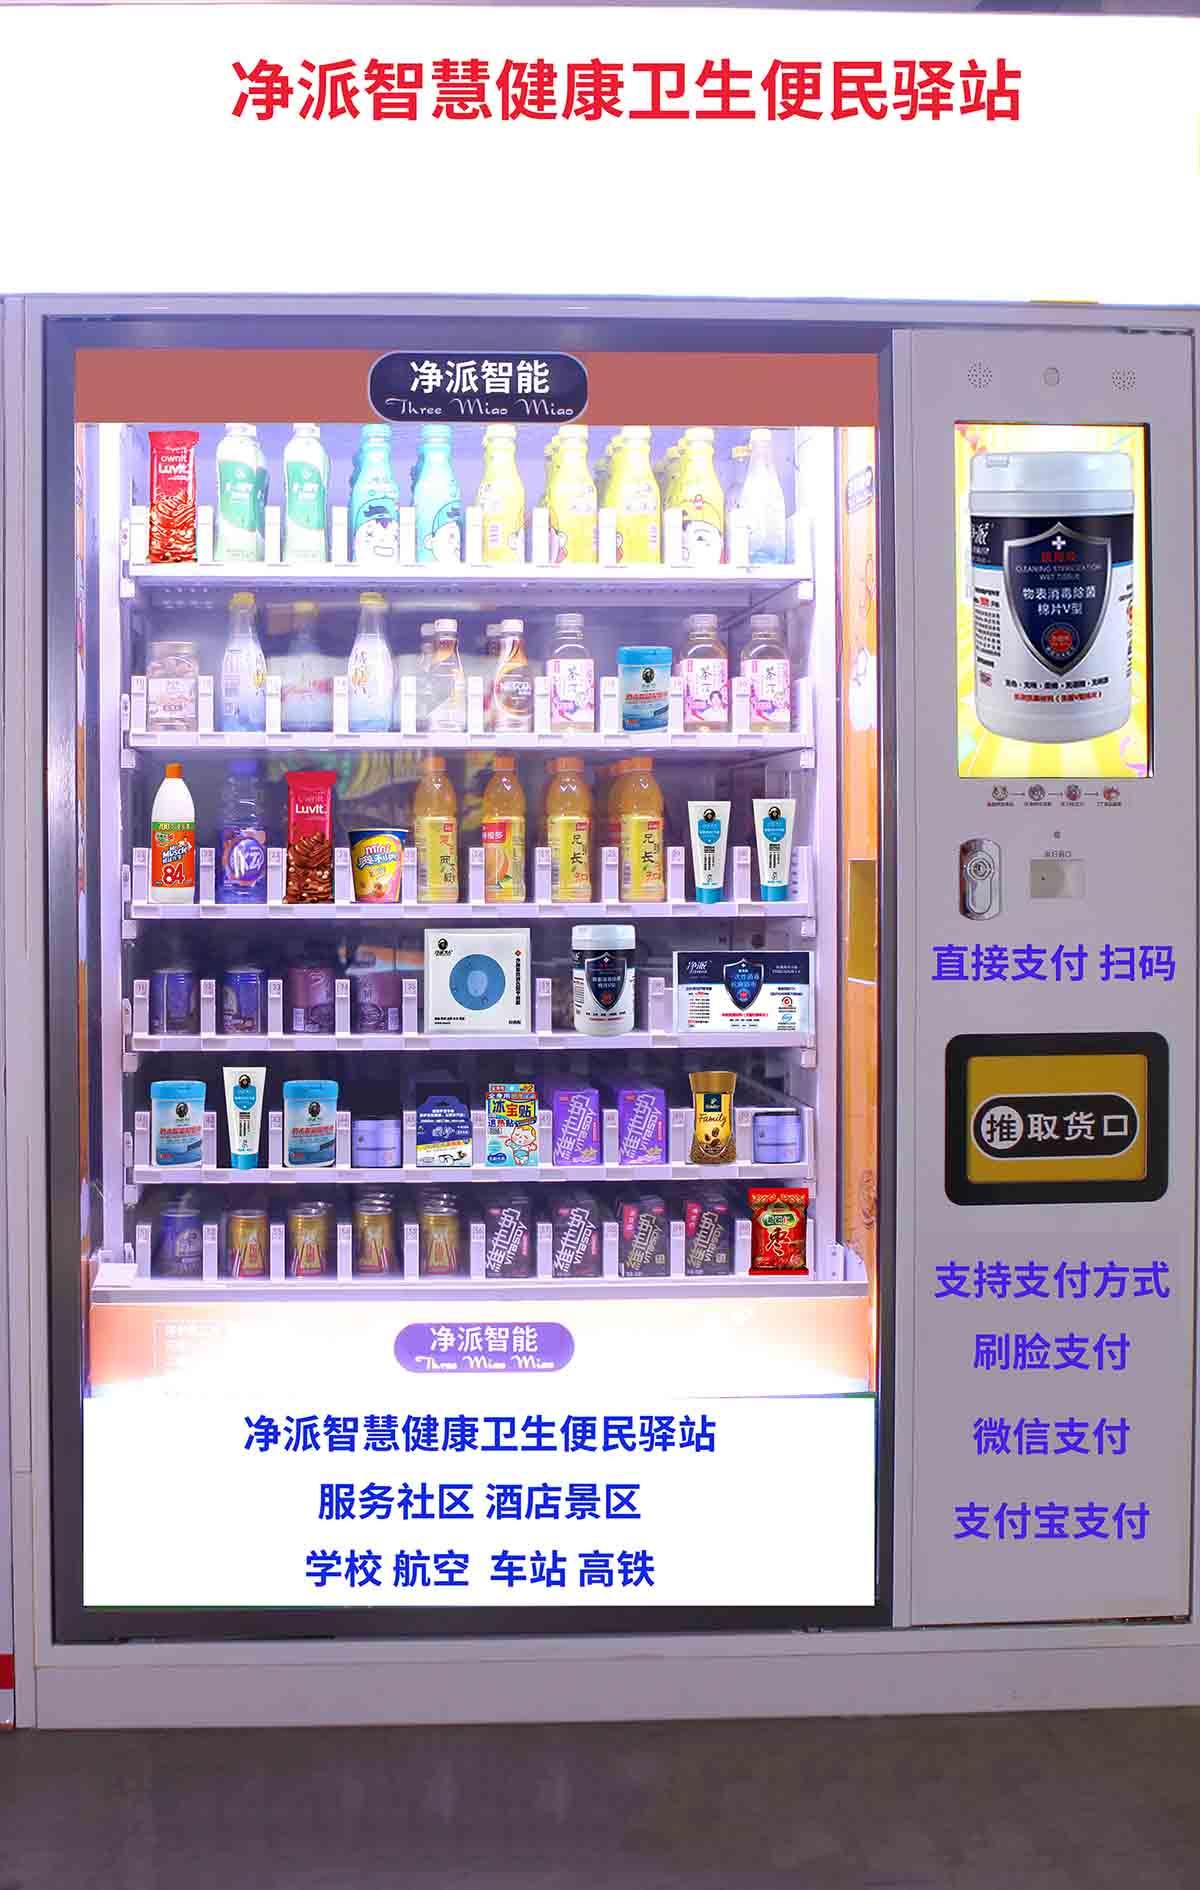 自动售卖机供货商—广州净派